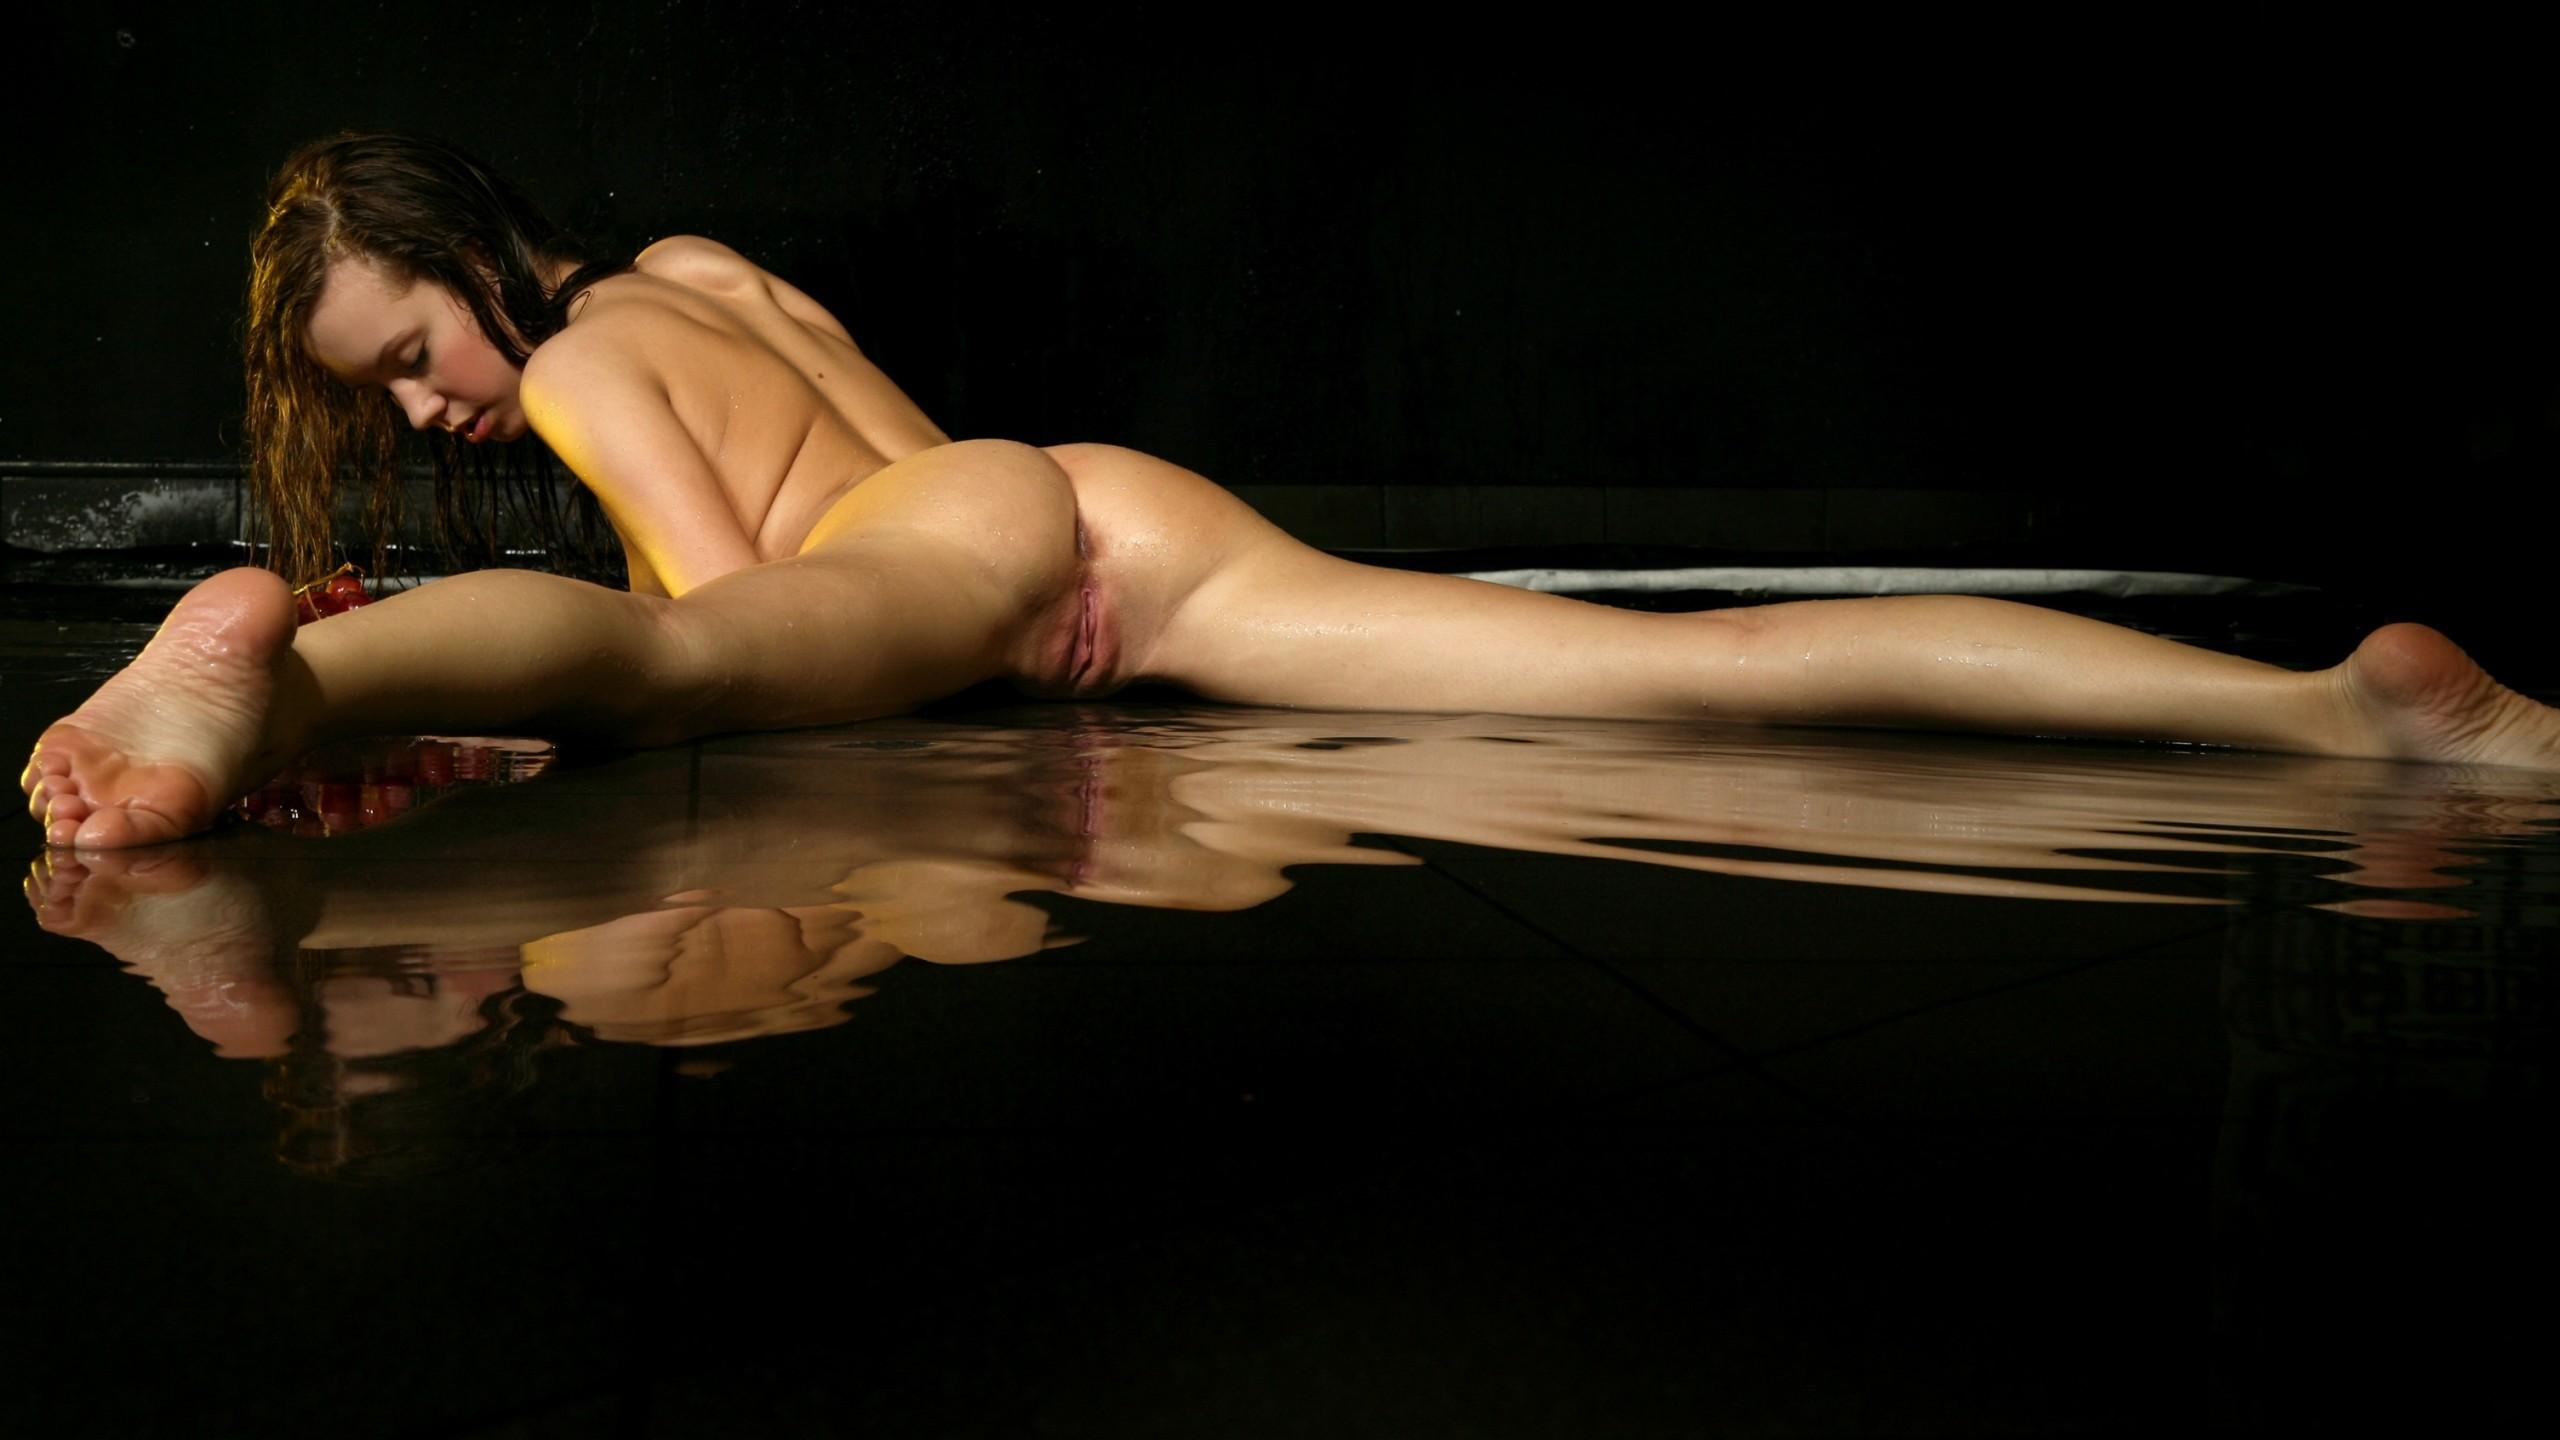 скачать эротические фото на рабочий стол девушка играет с пиздой